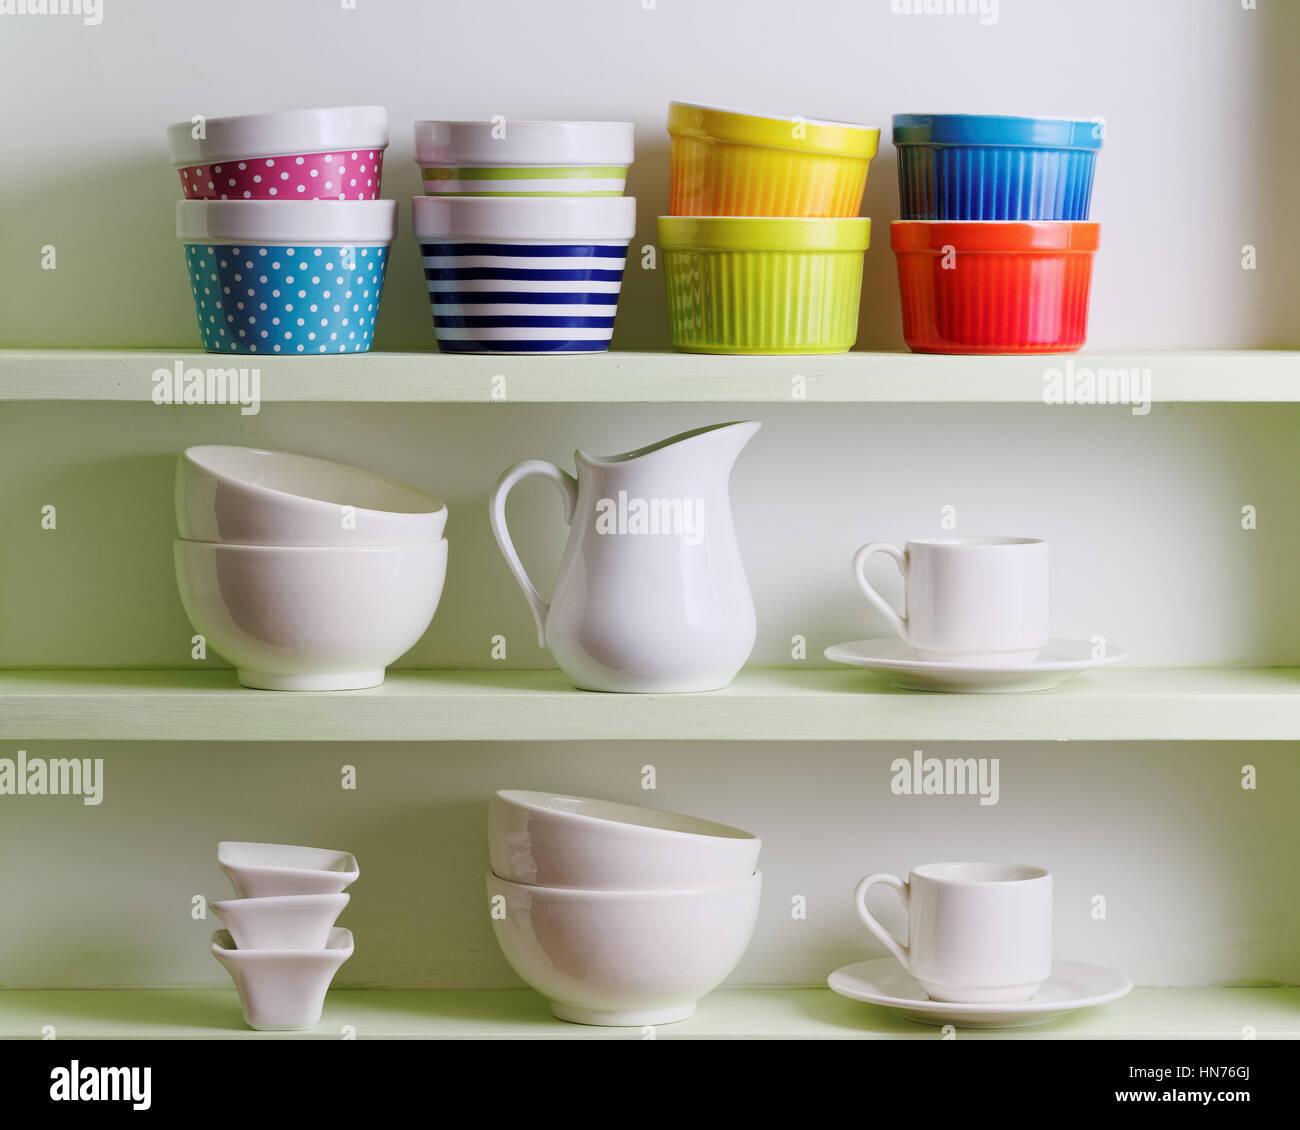 Vielfalt der Keramik im Regal. Bunte Schüsseln, Tassen und weißem Geschirr. Stockbild